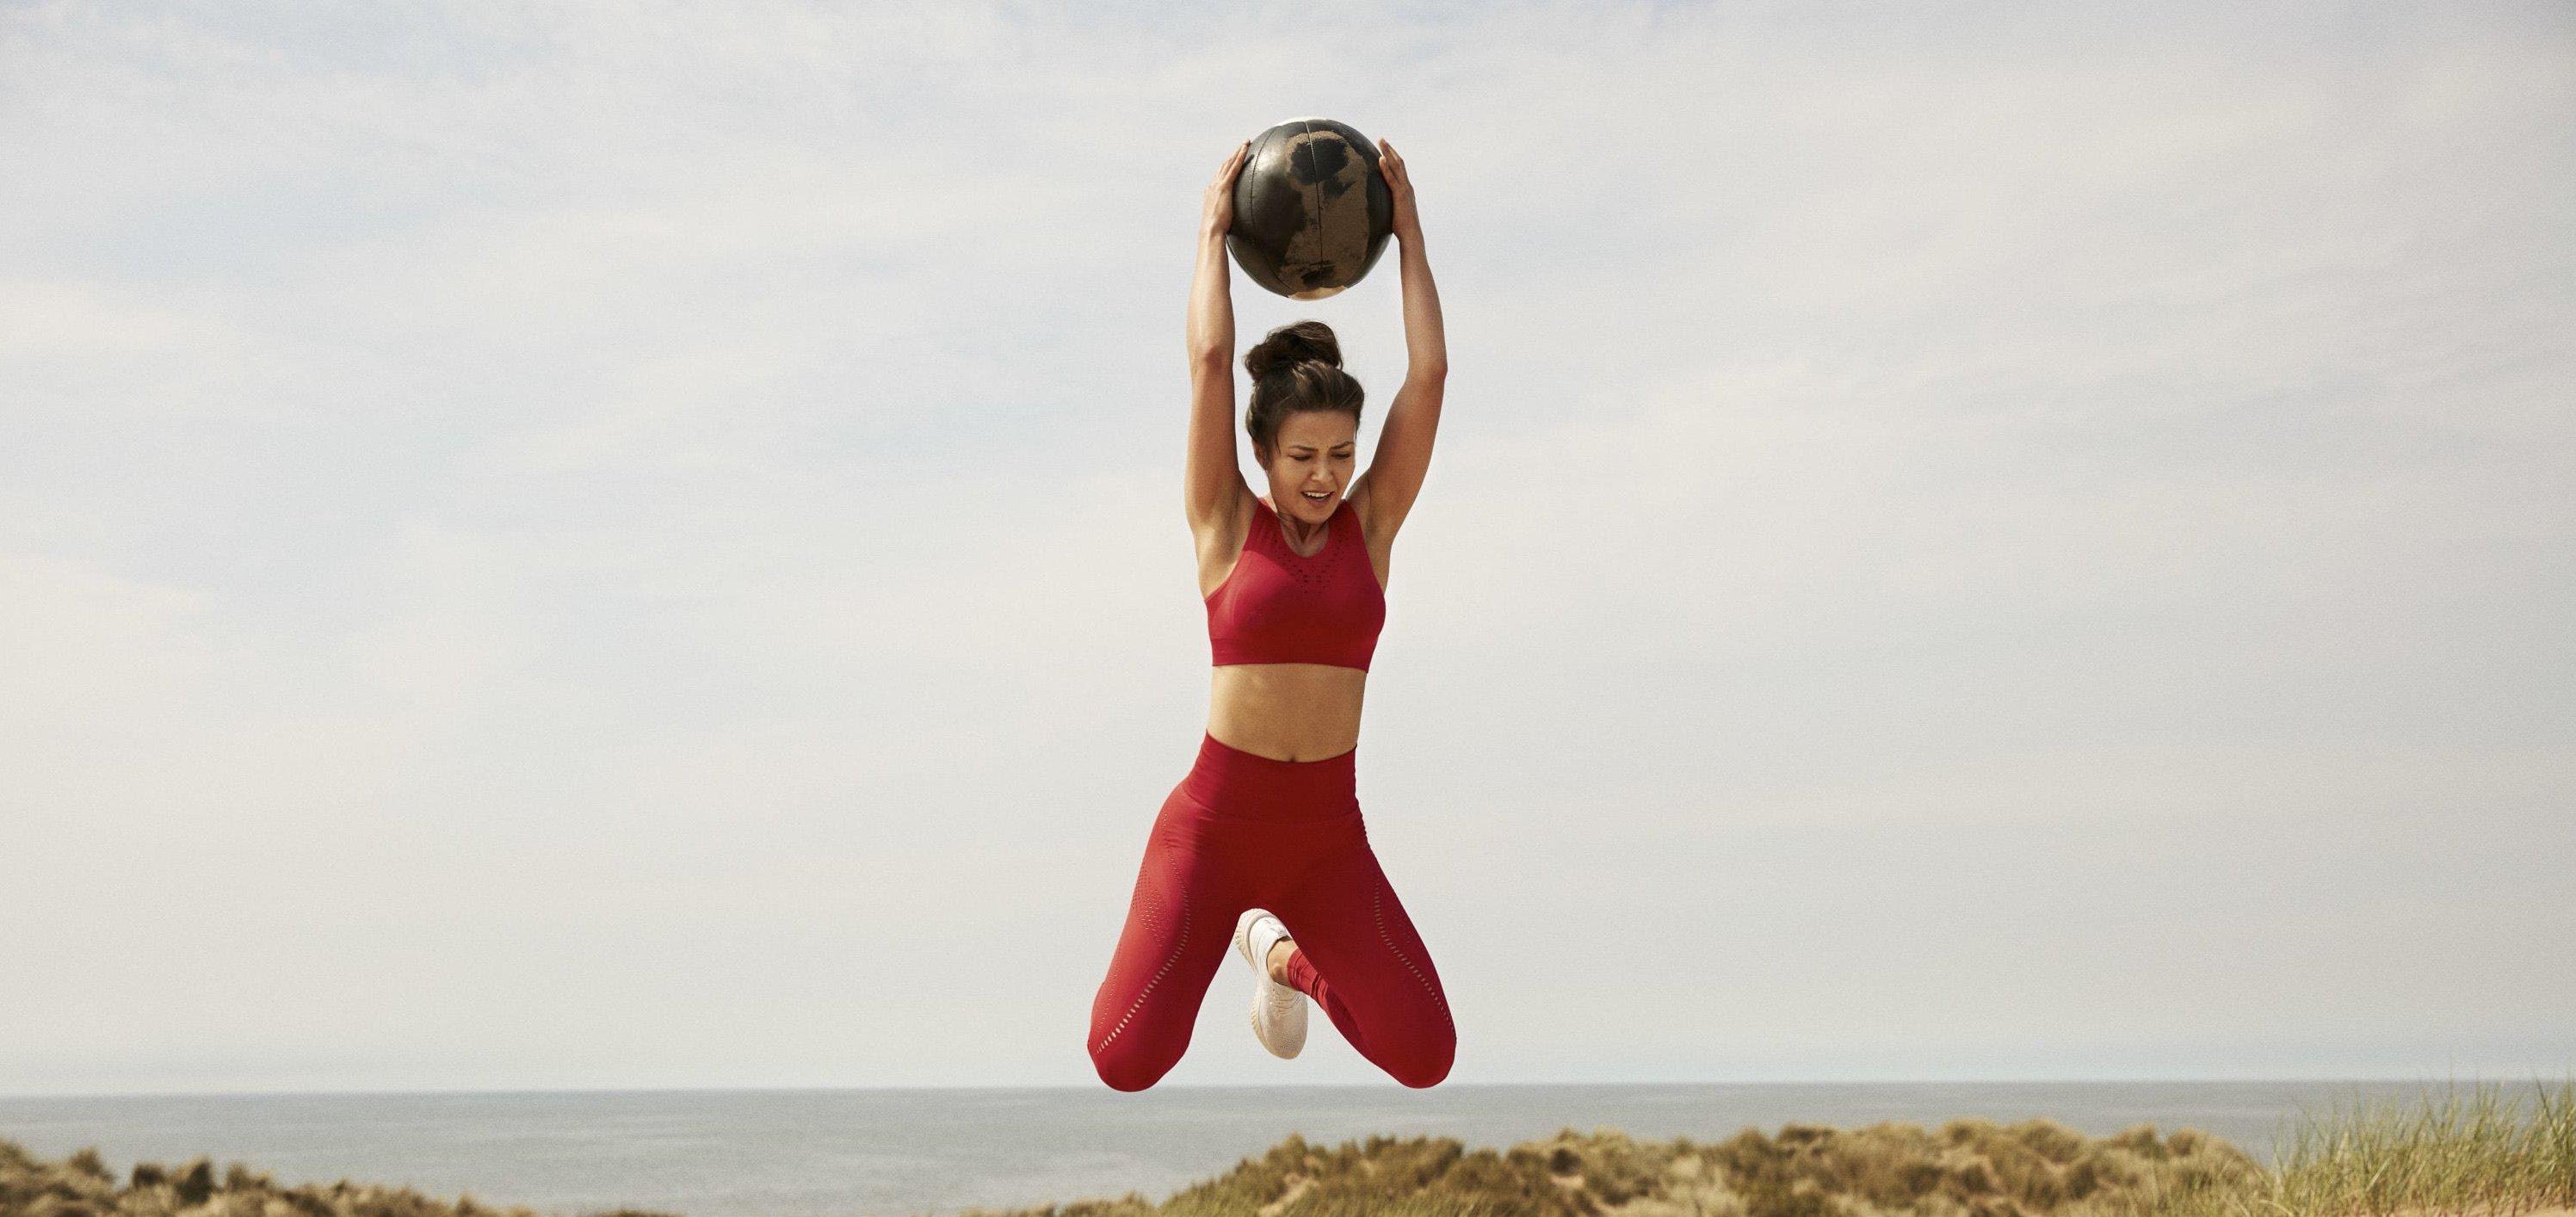 Bryt ner alla hinder för träning | Internationella kvinnodagen